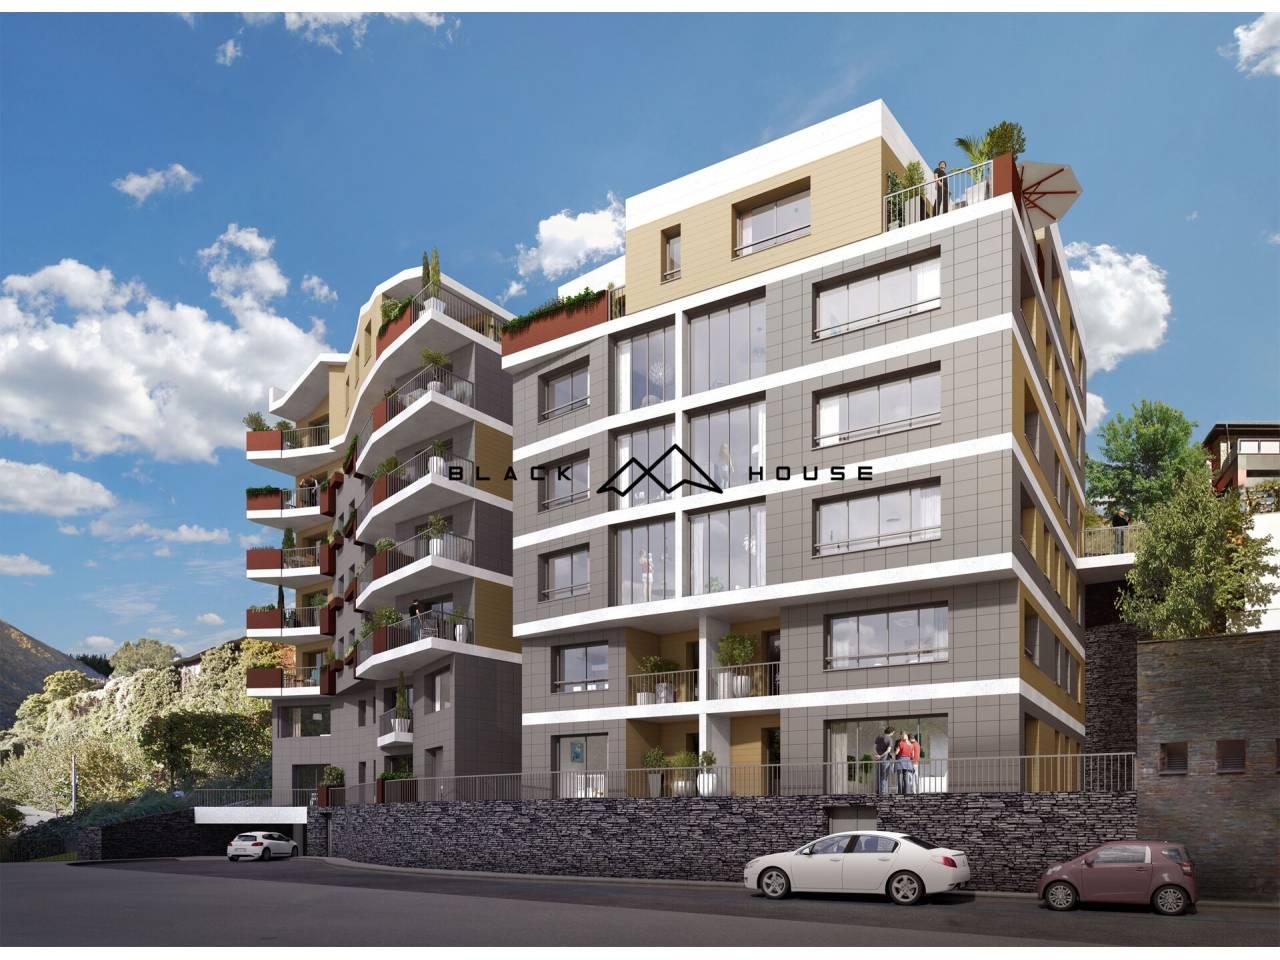 Fabulosa promoció d'obra nova de luxe, situada en zona residencial d'Escaldes molt tranquil·la i assolellada.